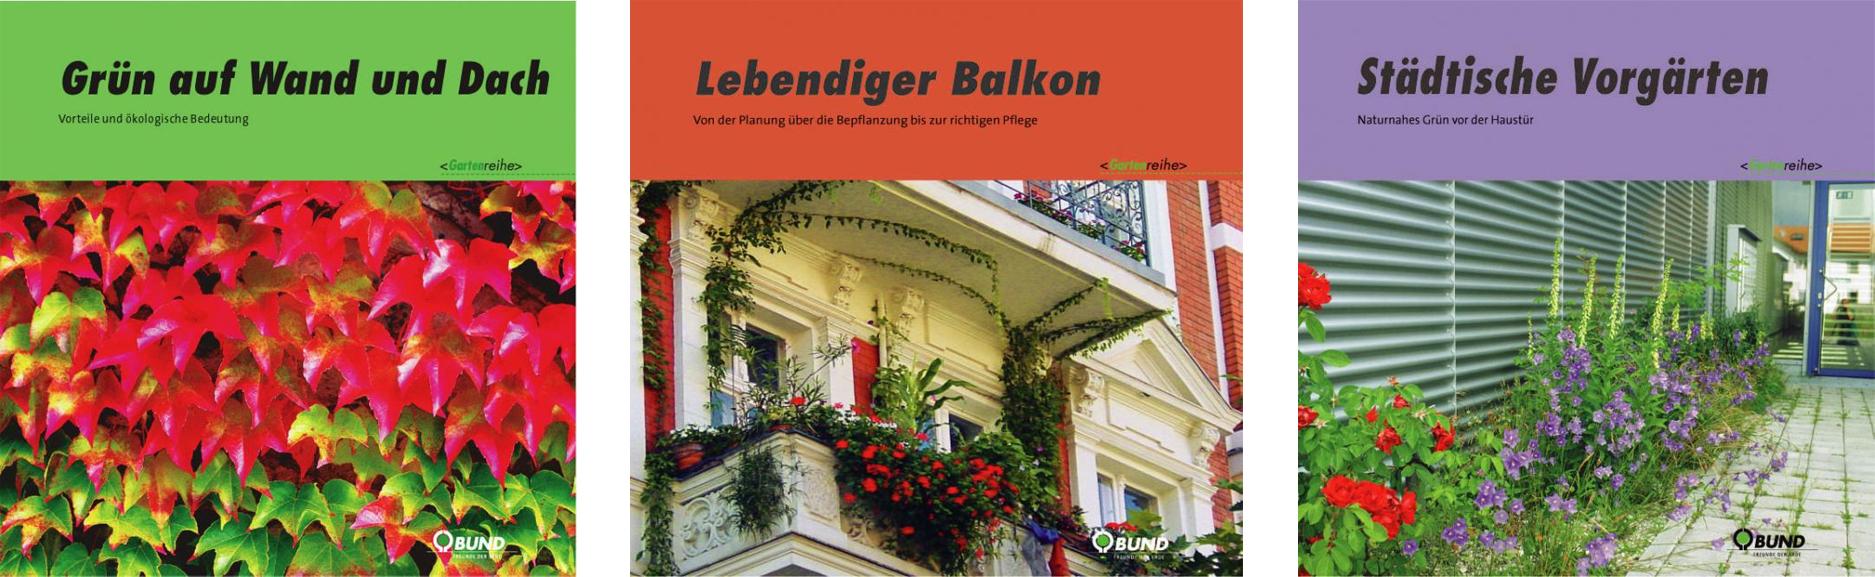 Die nützlichen Broschüren für Stadtgärtner sind im BUNDladen zum Preis von 2,20 Euro pro Stück erhältlich. Foto: BUND